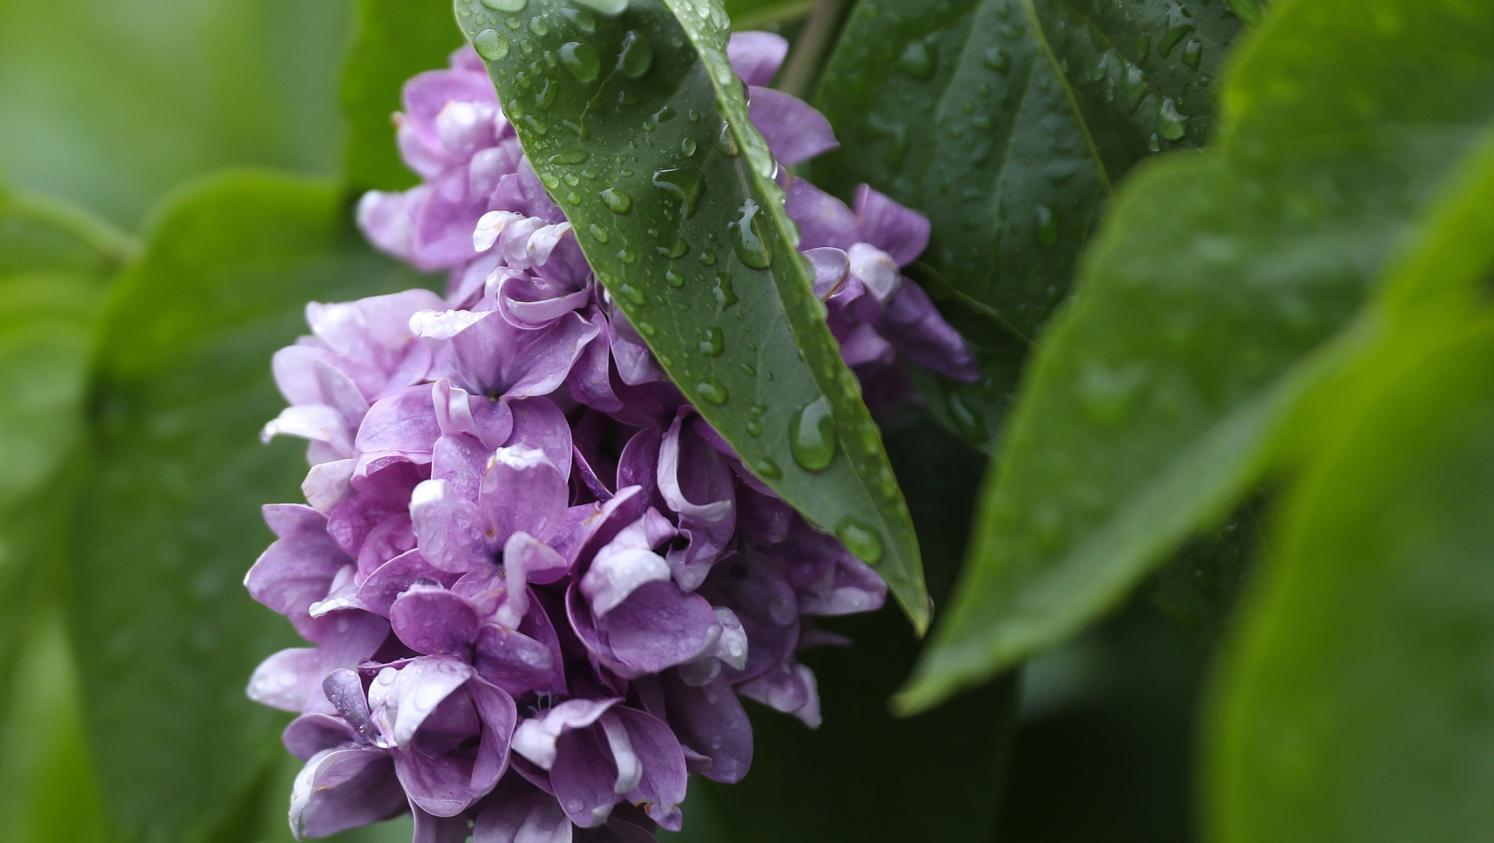 jardin quand le lierre parasite le lilas. Black Bedroom Furniture Sets. Home Design Ideas